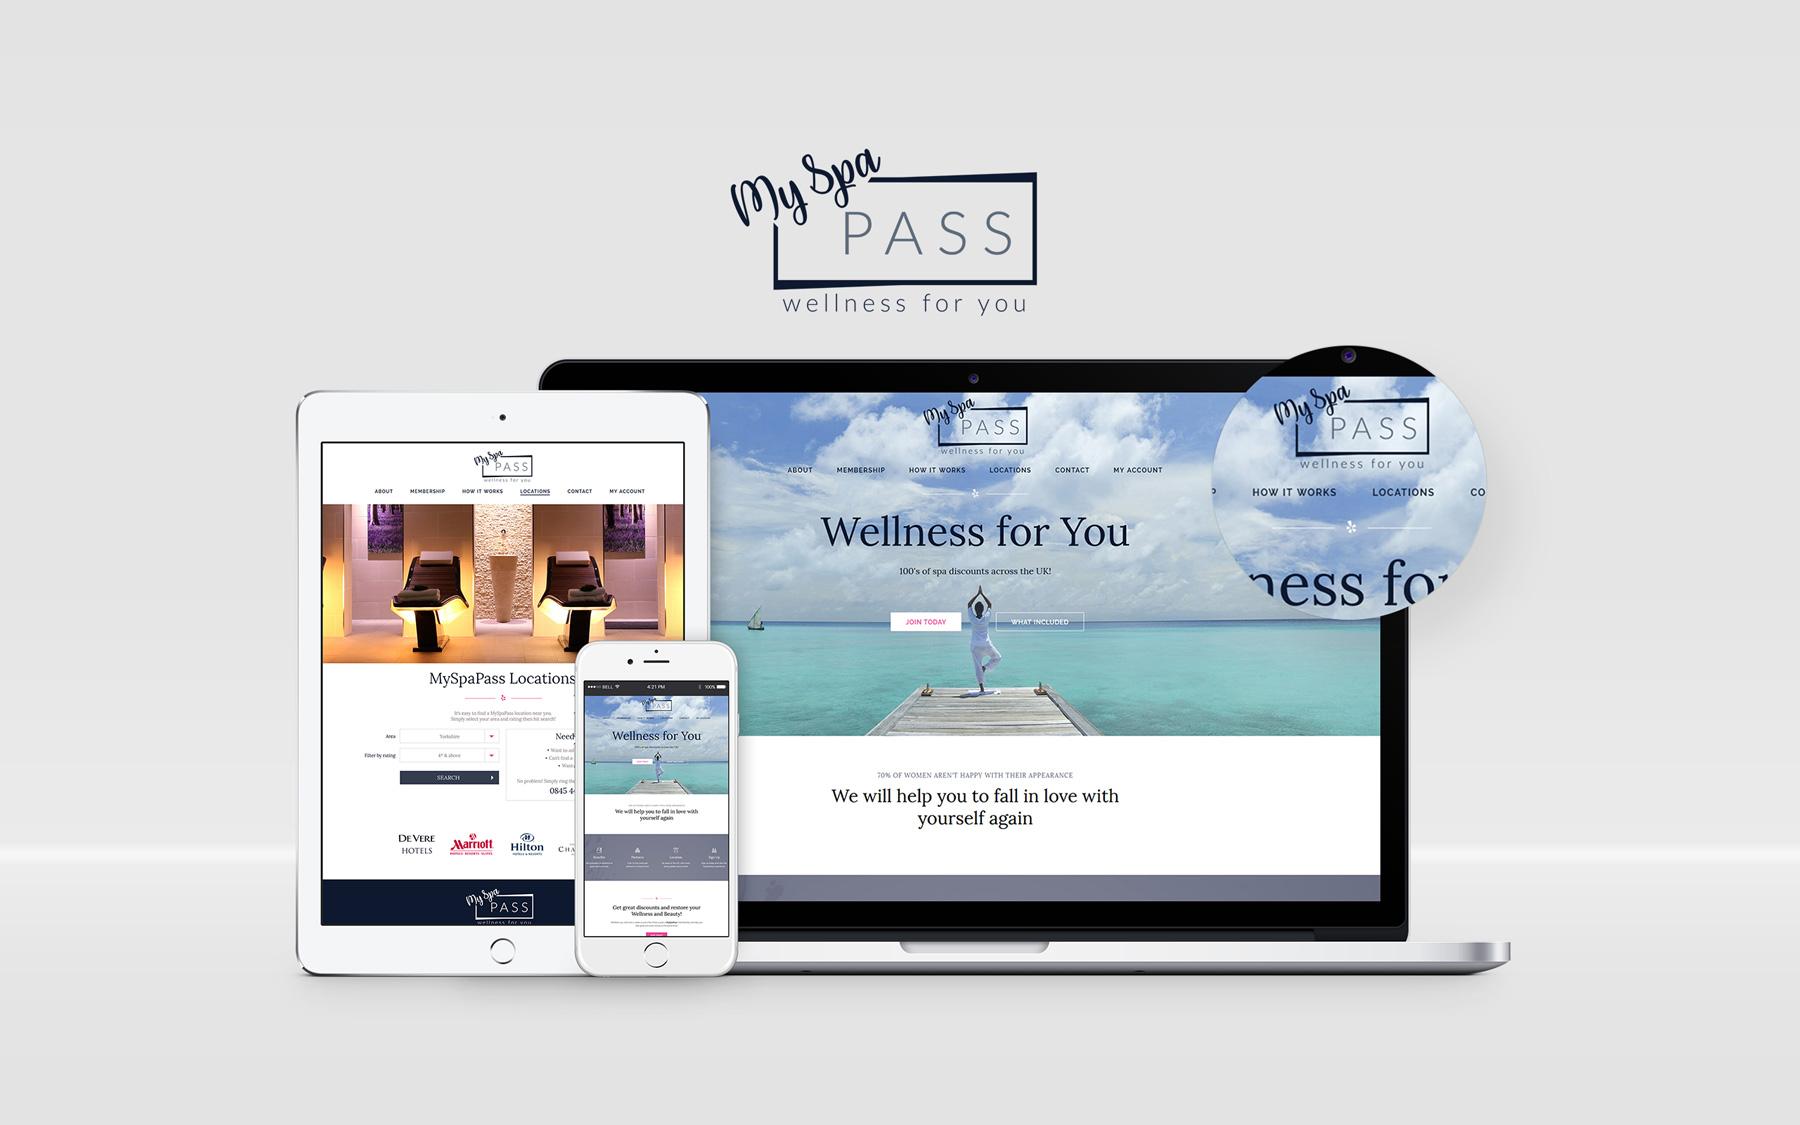 MySpaPass.com